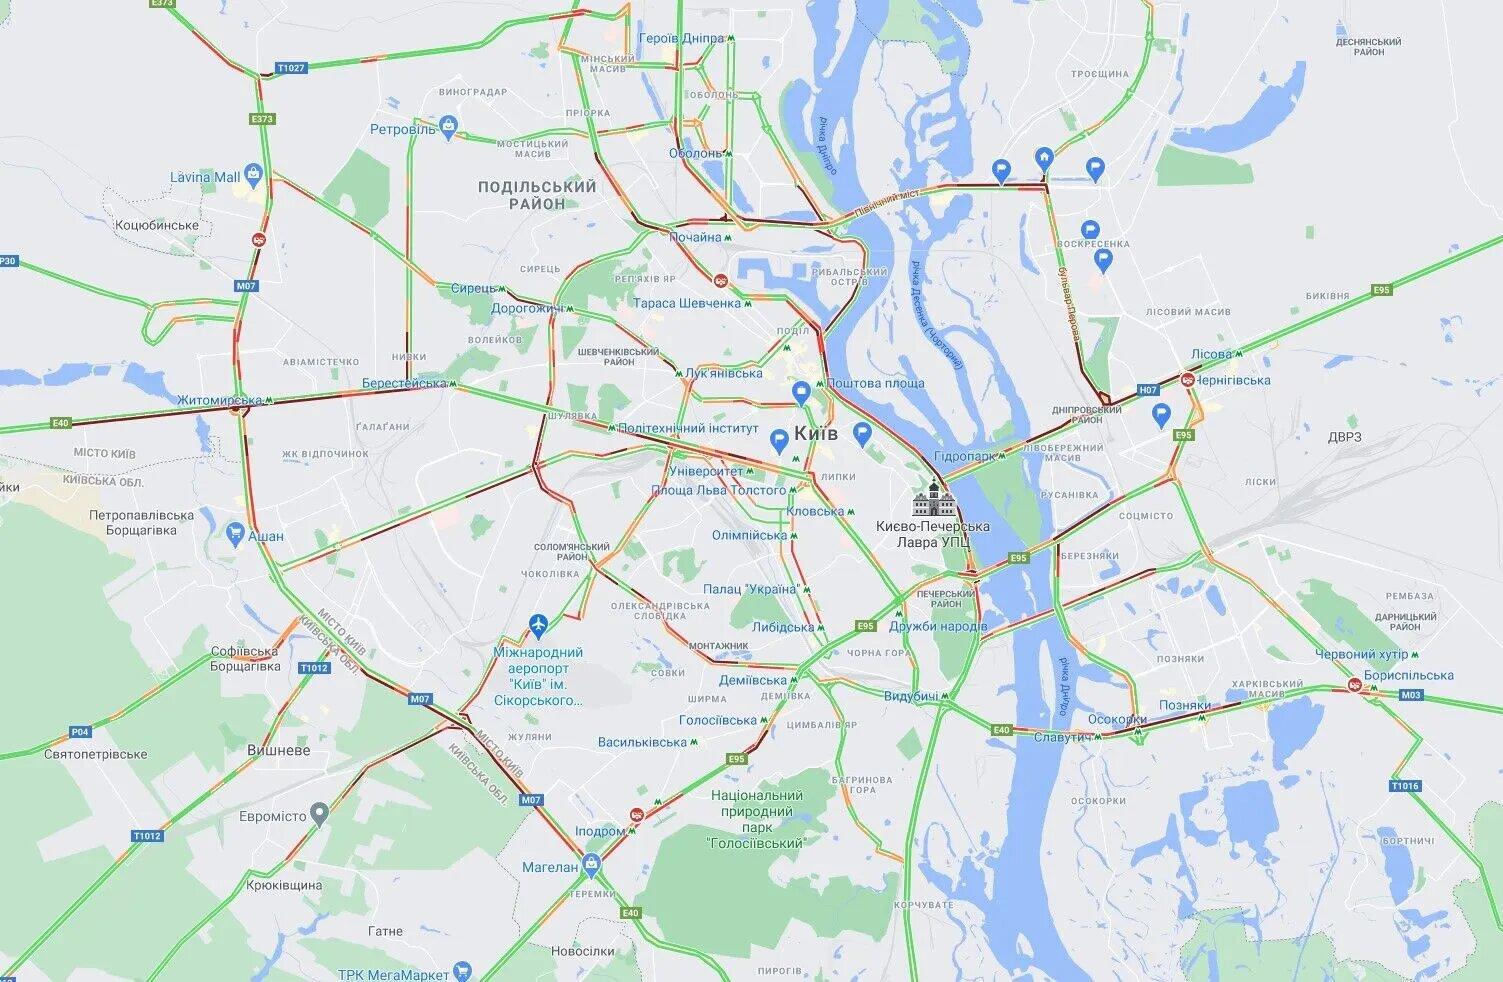 Пробки в Киеве. Фото: Google Maps